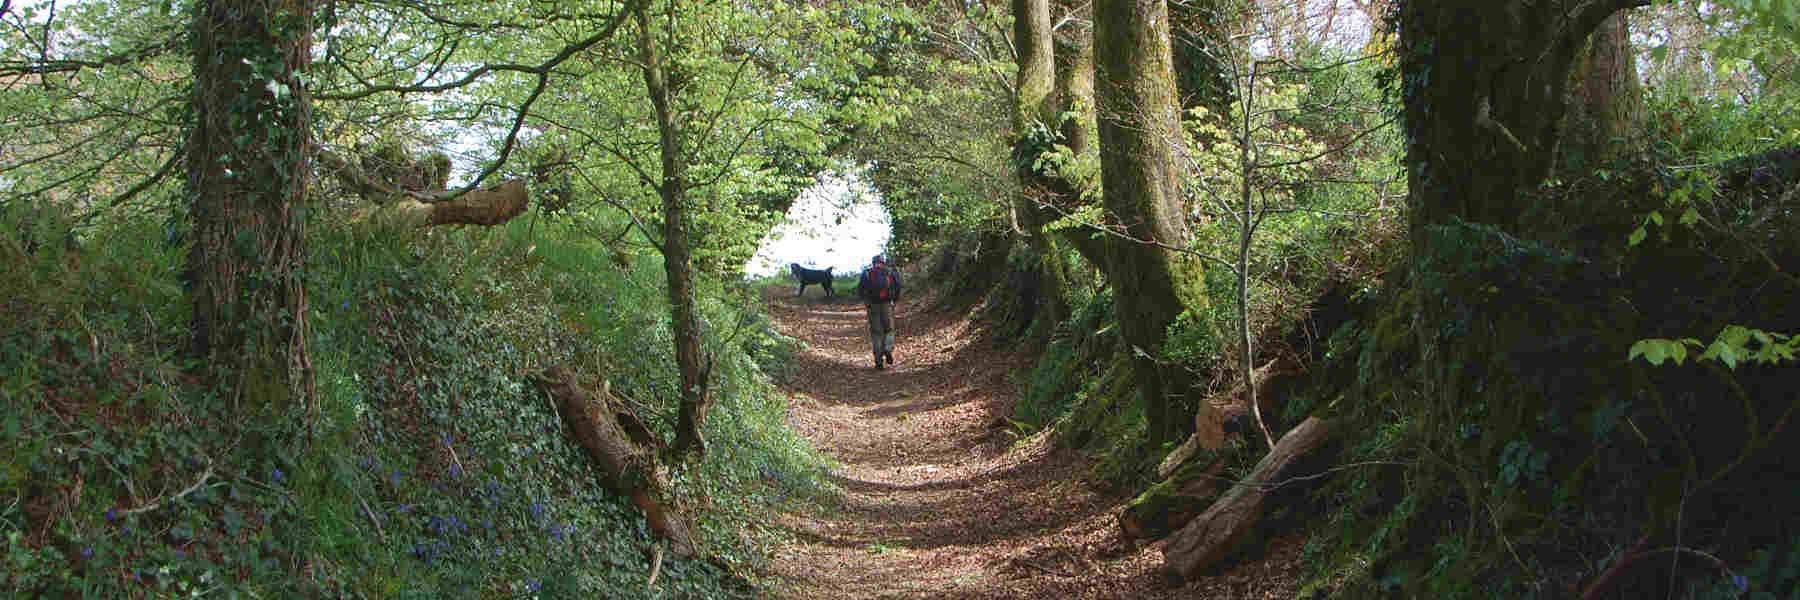 La randonnée pédestre à Mael-Pestivien